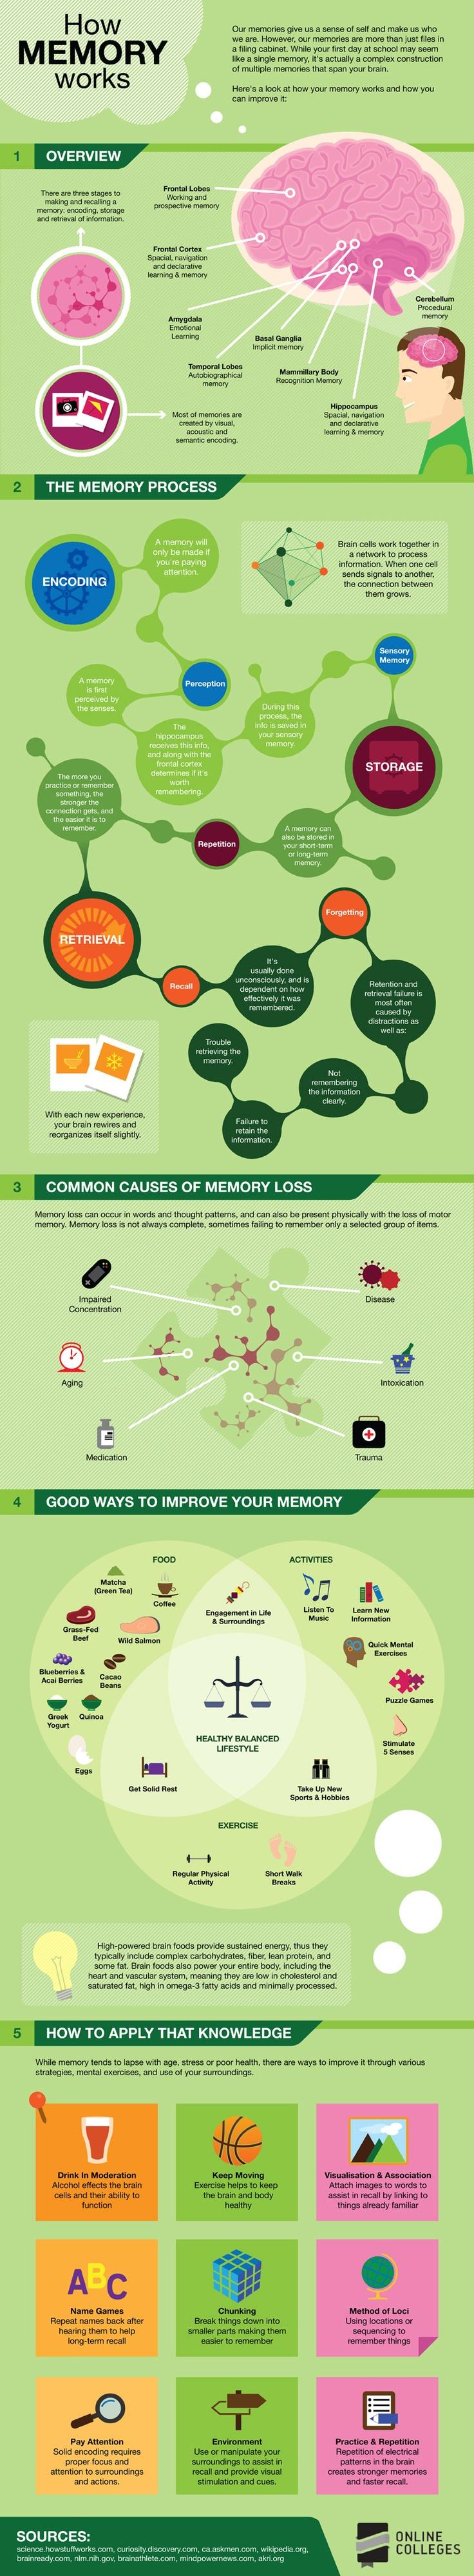 Best medicine for improving memory